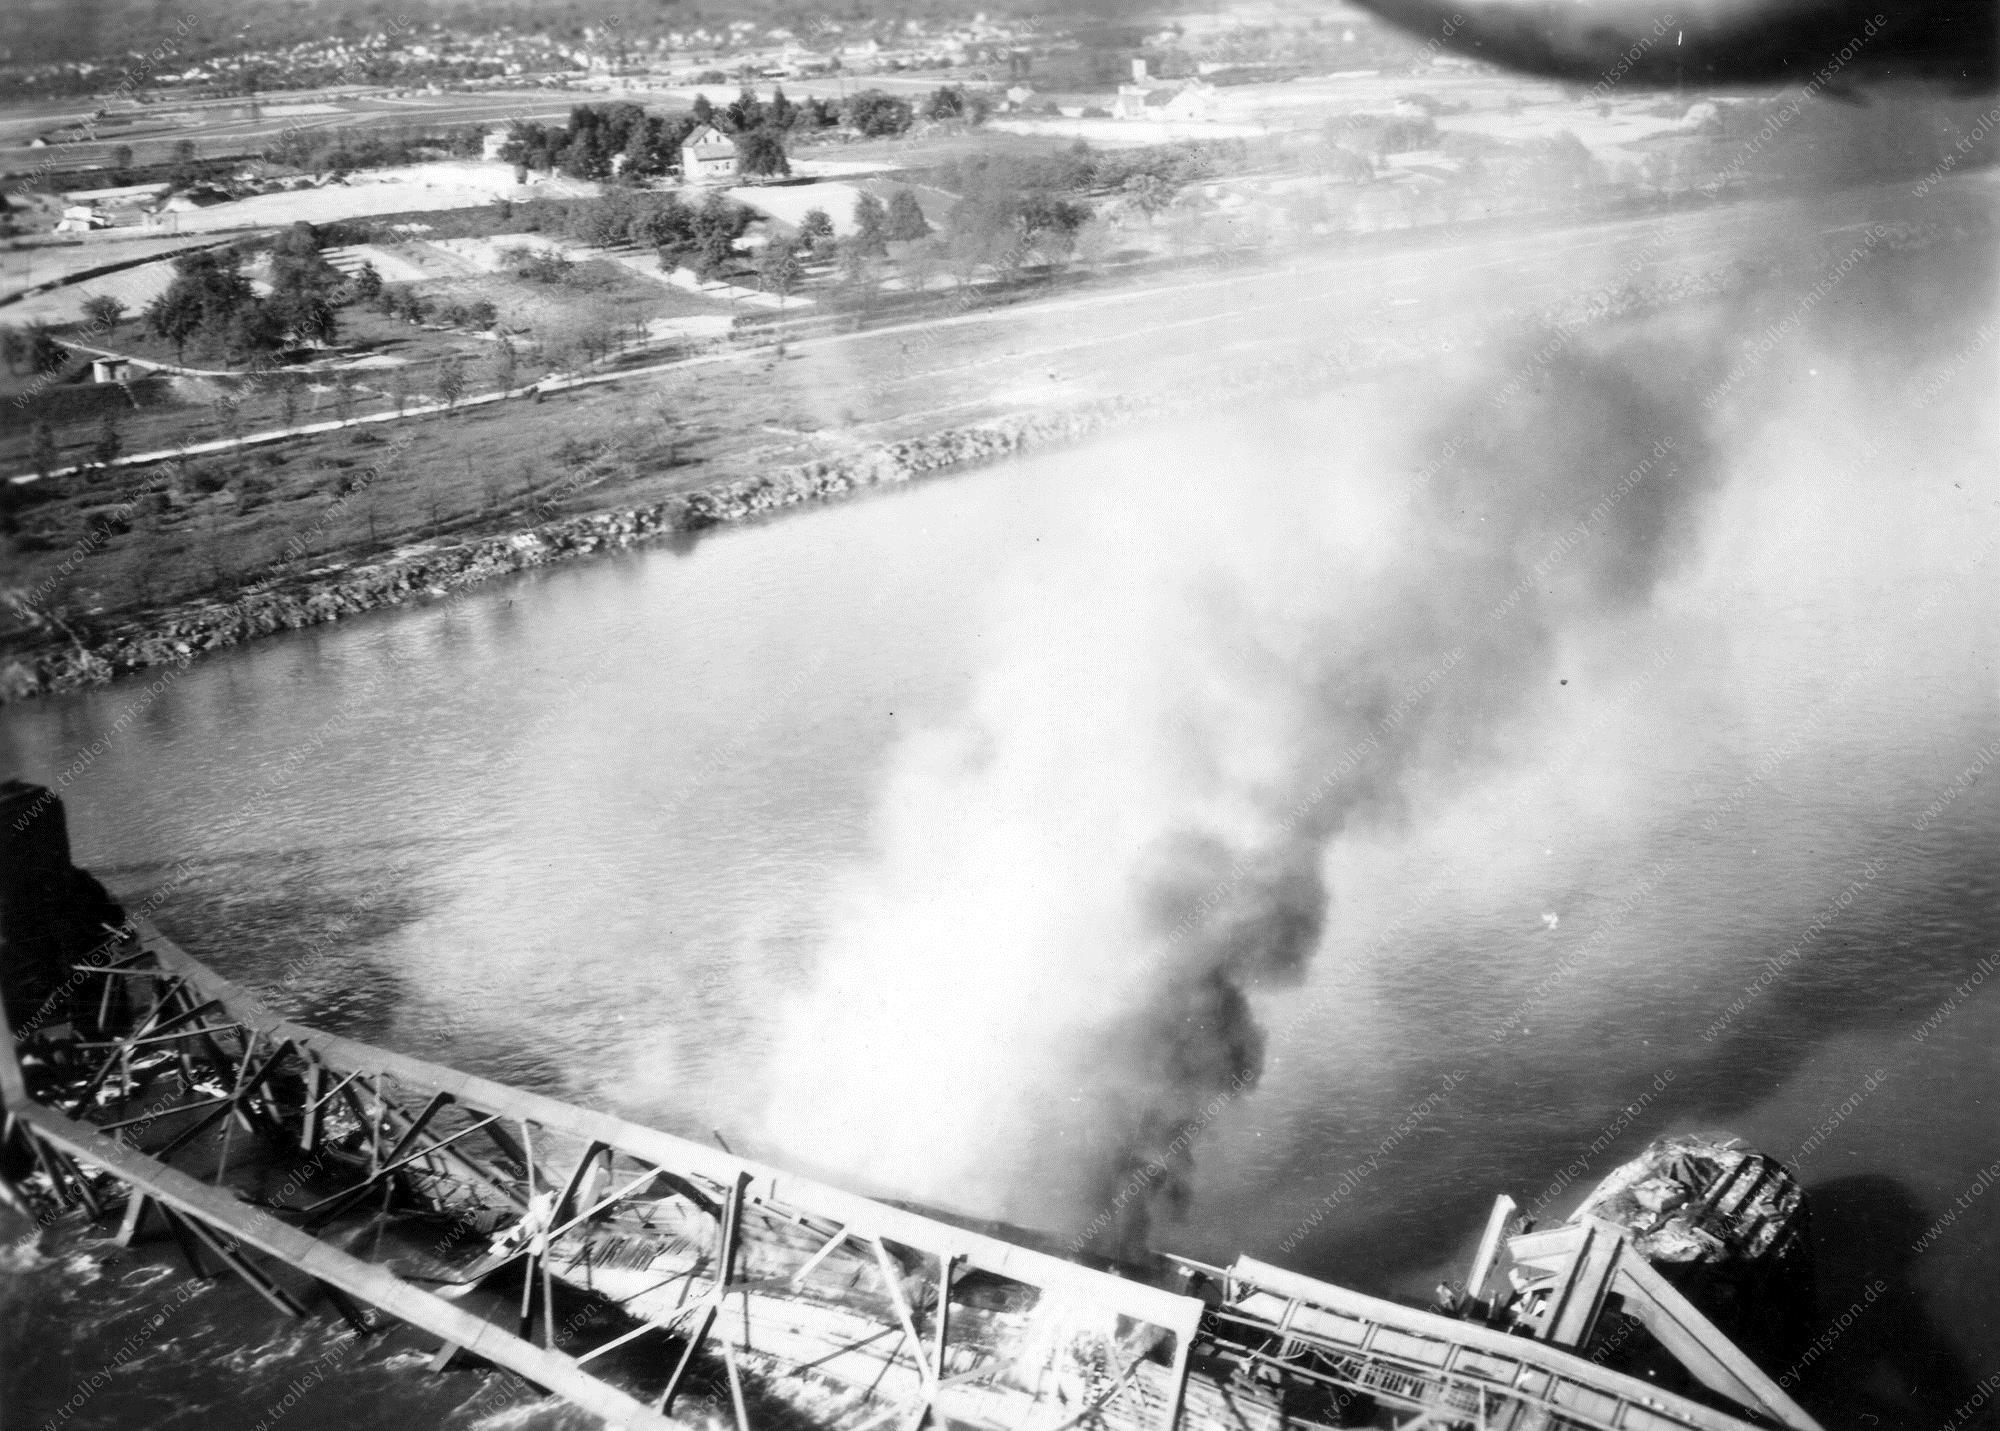 Flugzeugabsturz bei Neuwied im Stadtteil Engers an der Urmitzer Eisenbahnbrücke